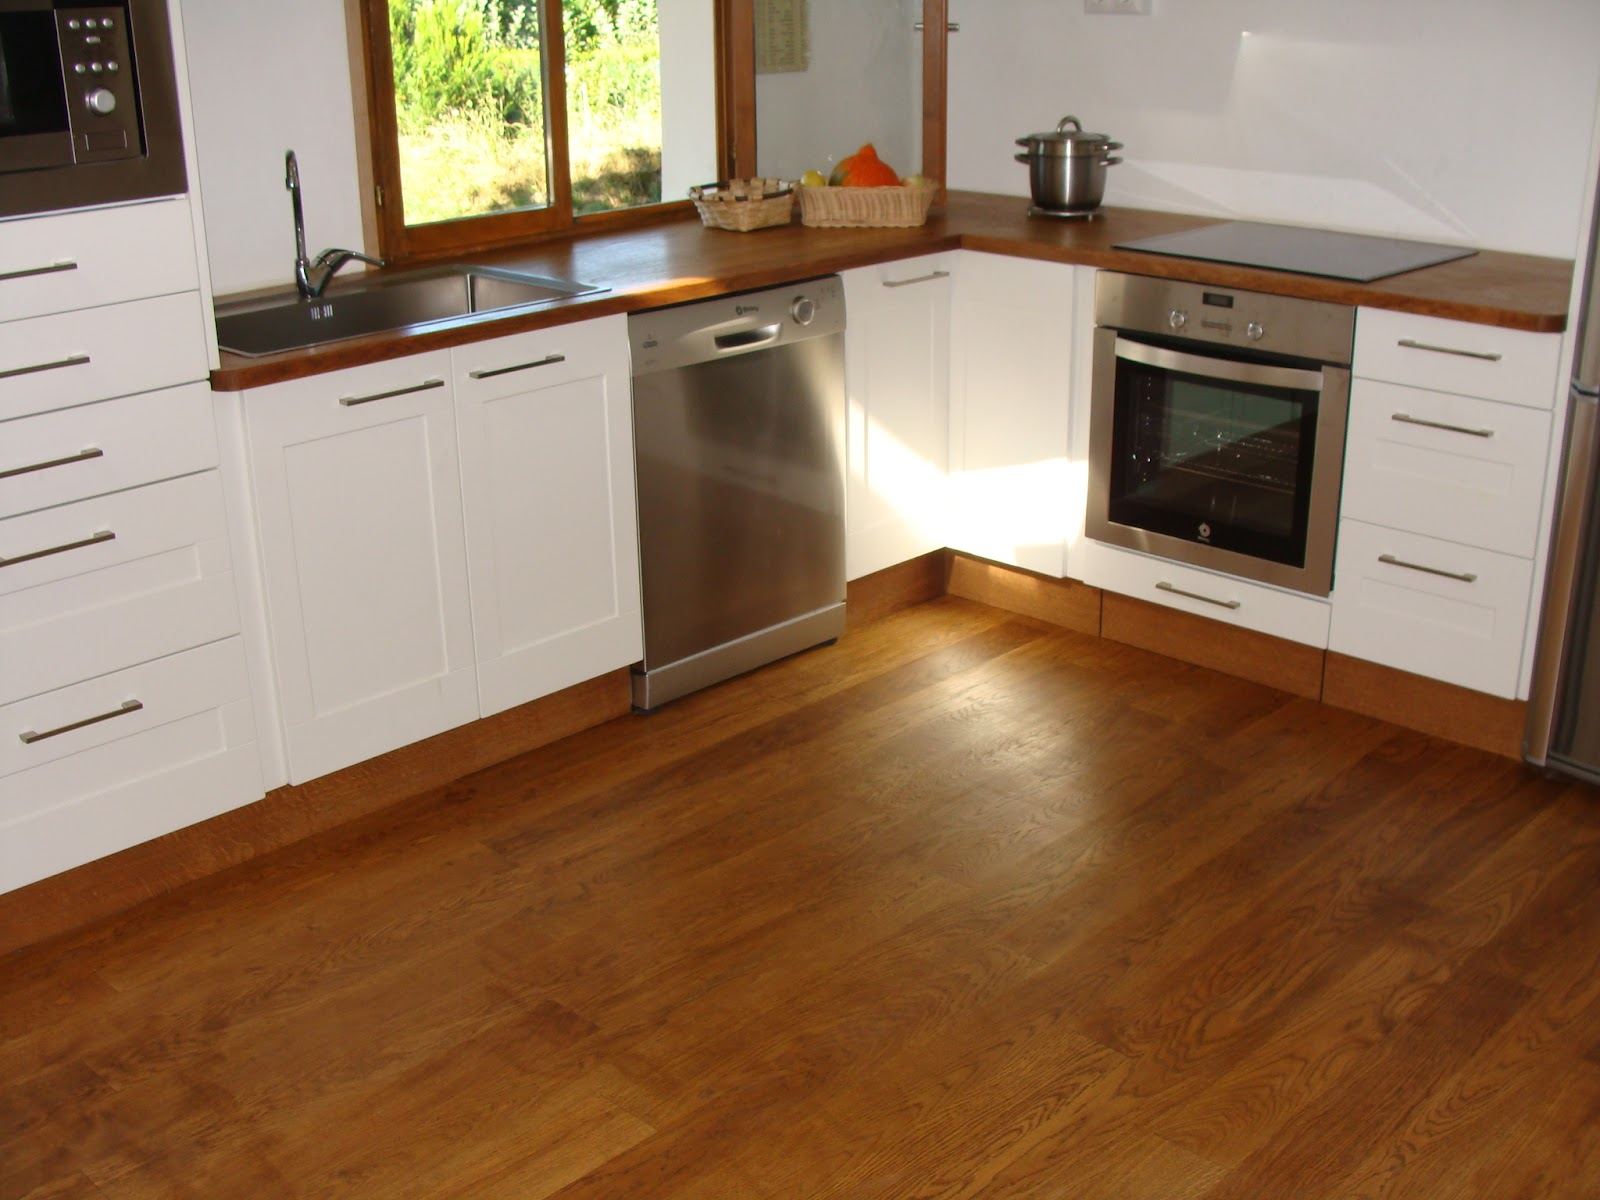 Andocarpinteando tarima de madera de roble en una cocina - Remates encimeras cocinas ...